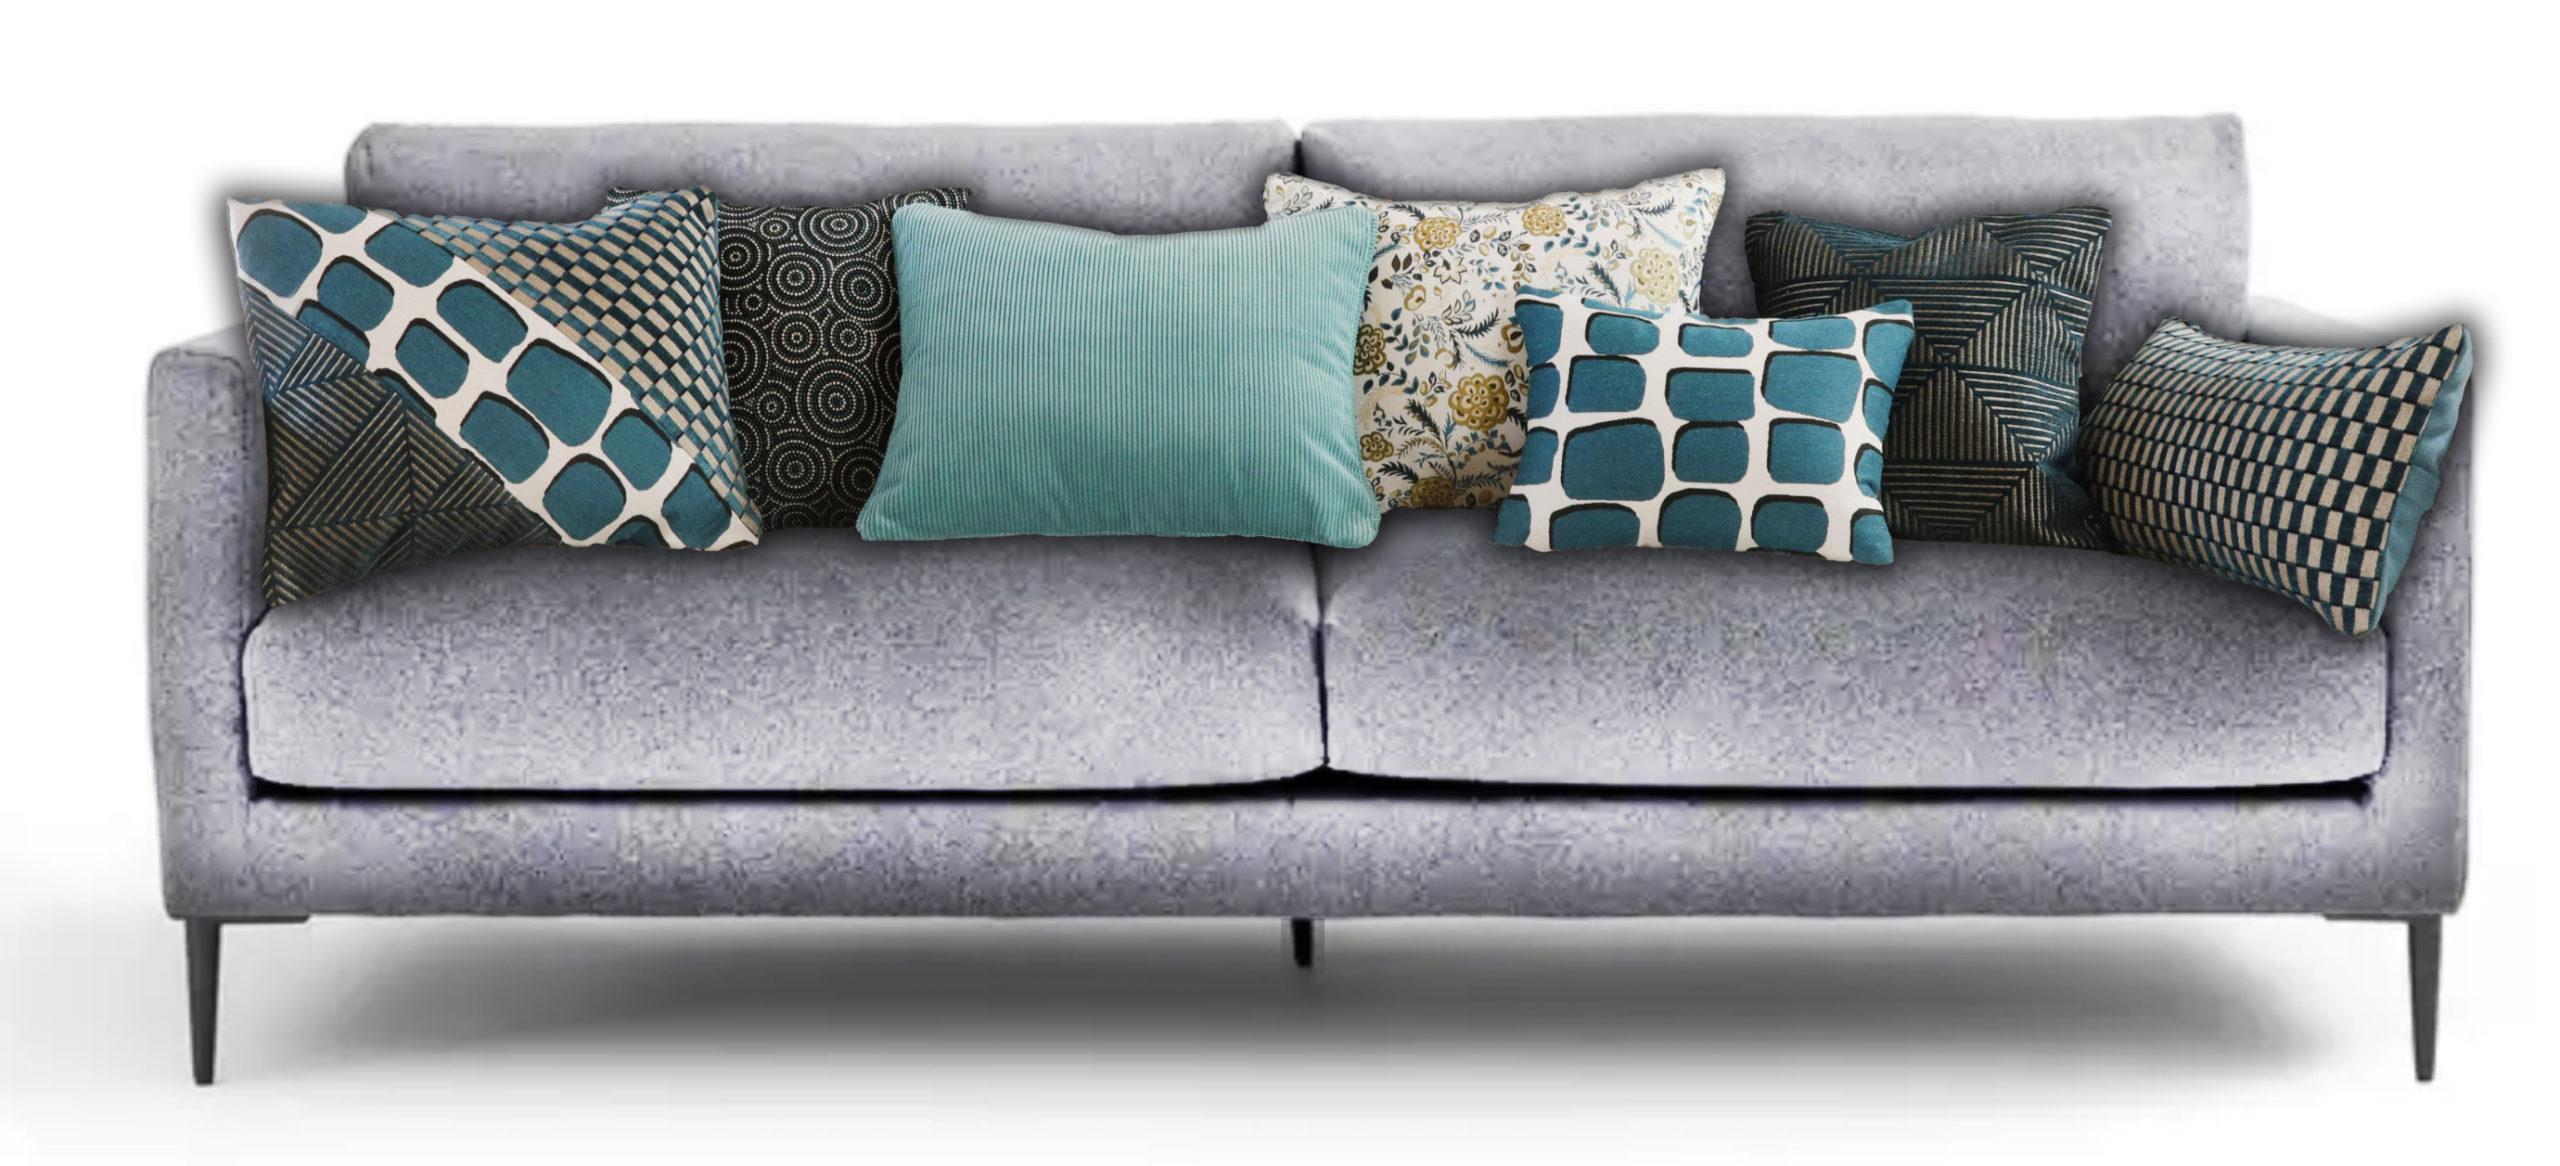 Coussins rectangulaires pour canapé gris